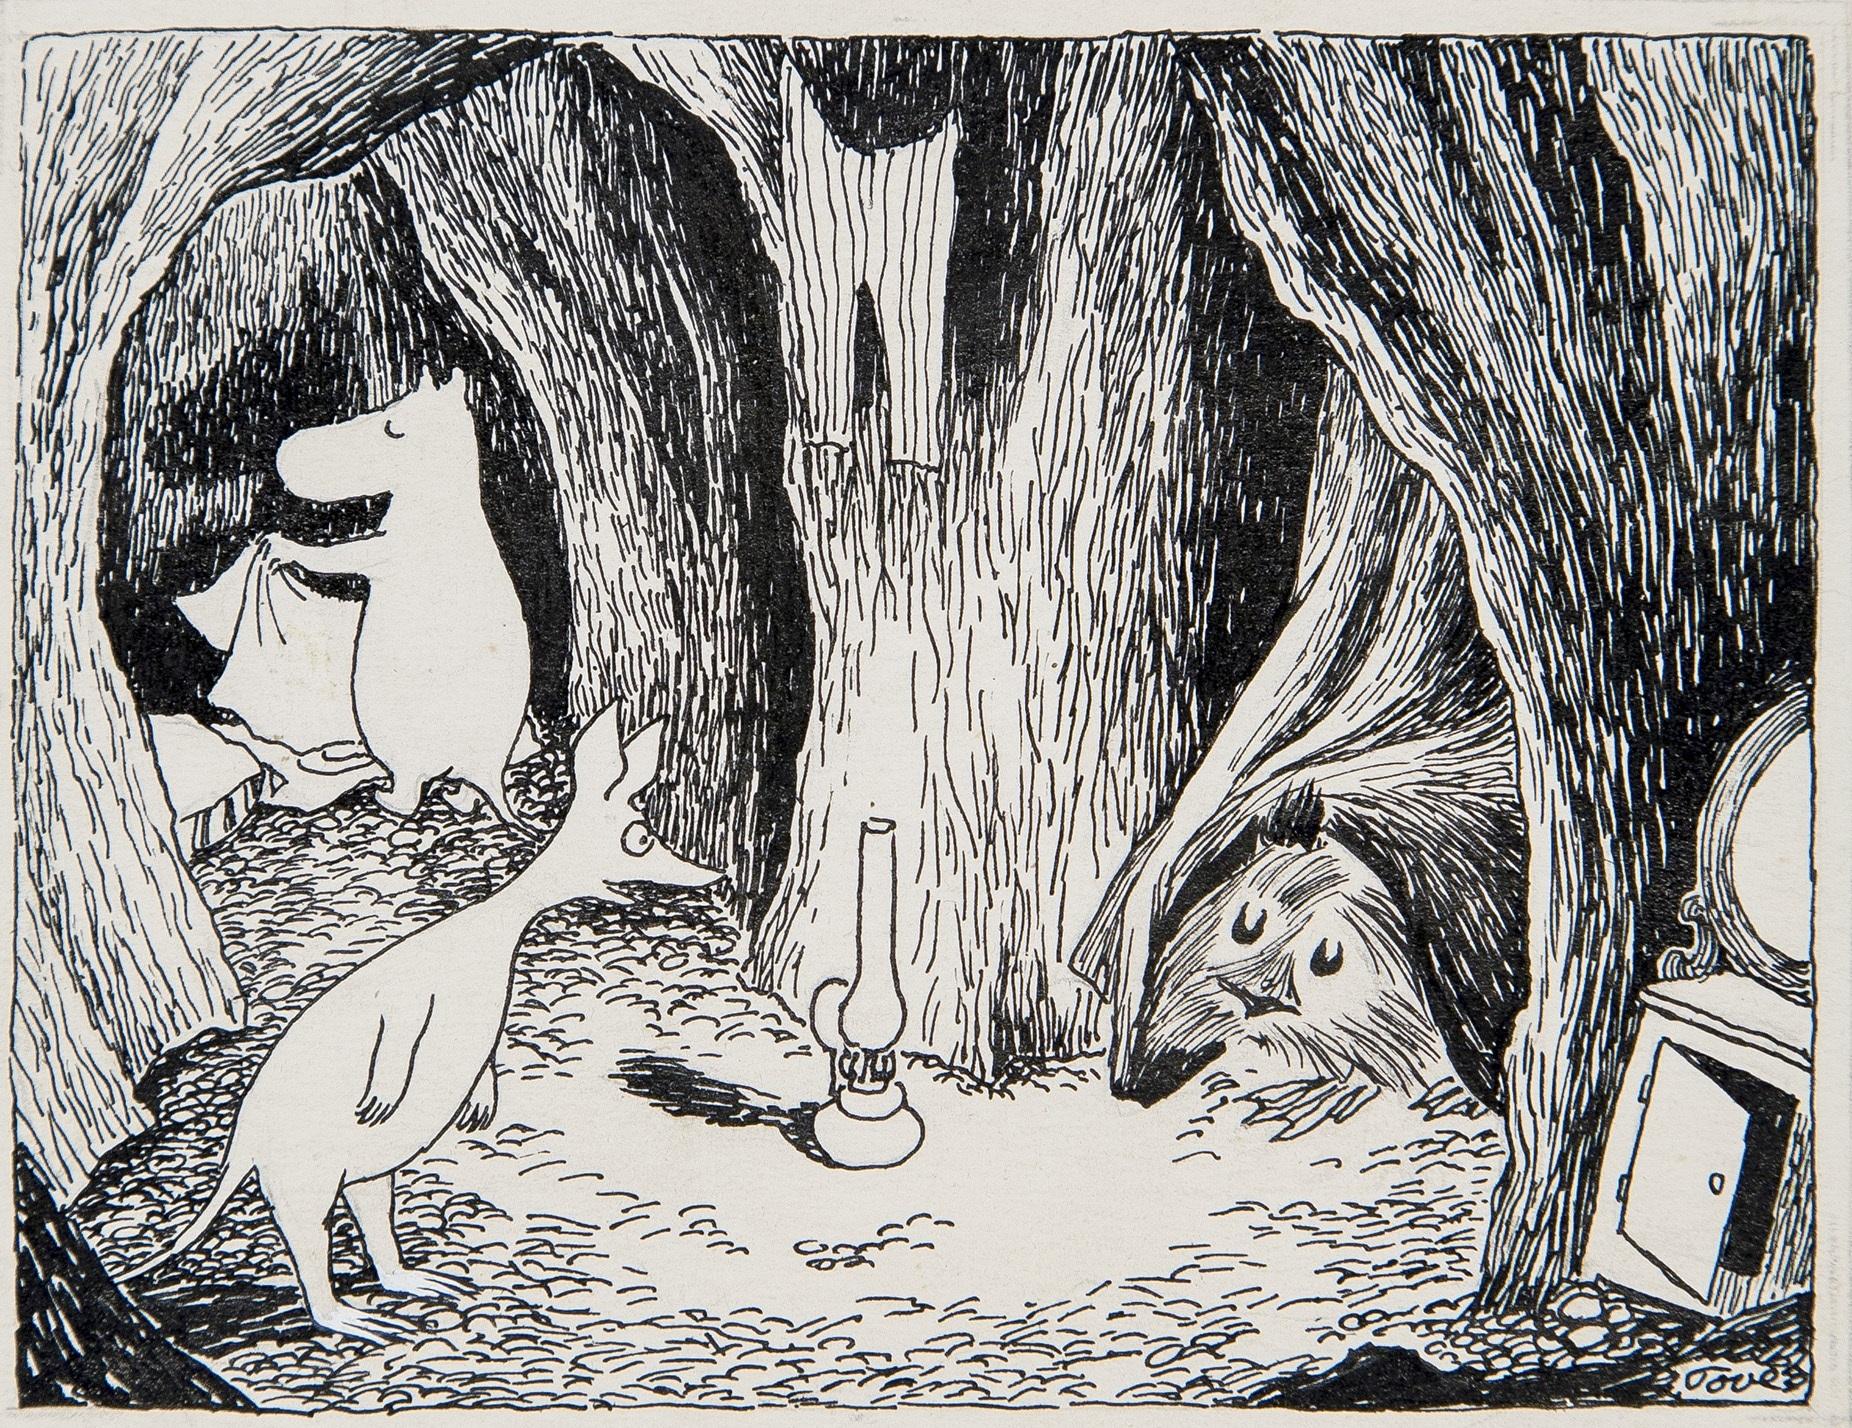 トーベ・ヤンソン≪「ムーミン谷の彗星」挿絵≫1946年 インク・紙 ムーミン美術館